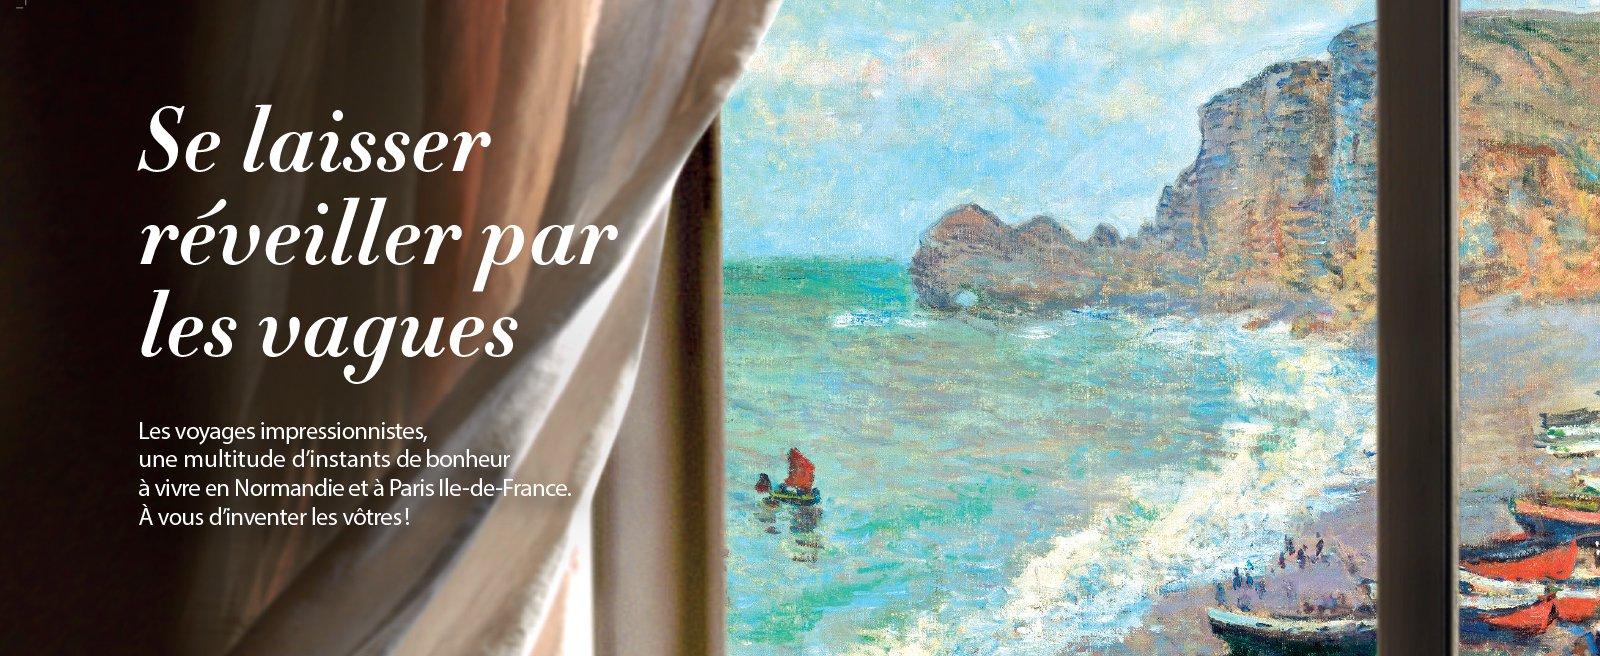 Exposition Les Voyages Impressionnistes - Honfleur Normandy Outlet